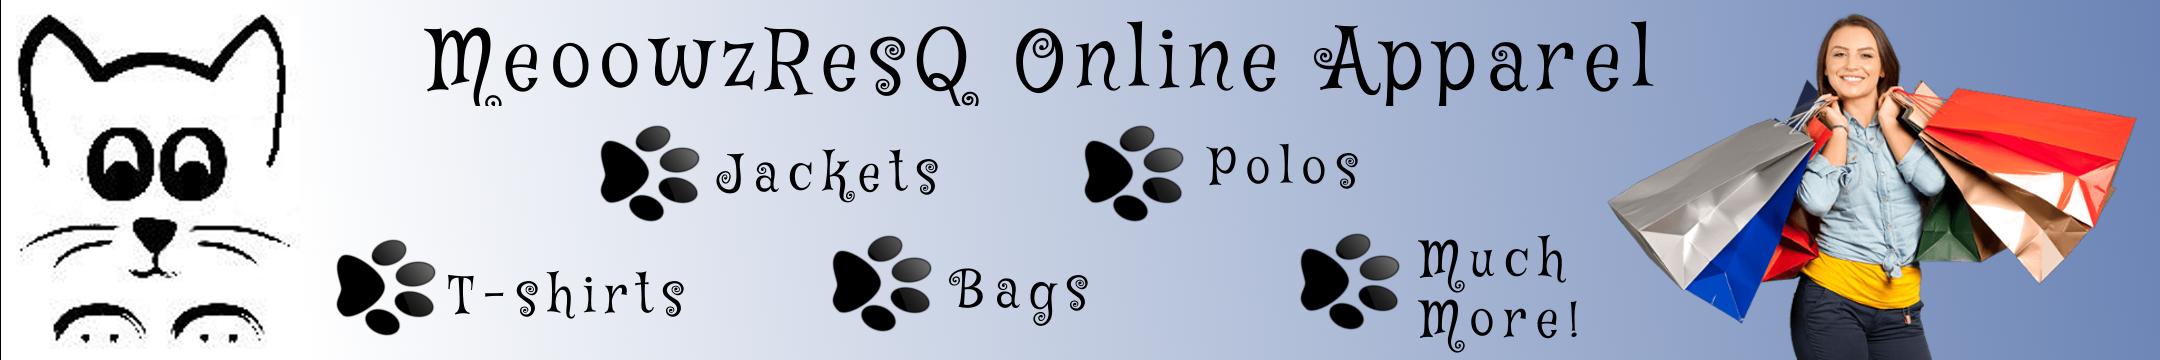 Online Apparel Banner v2